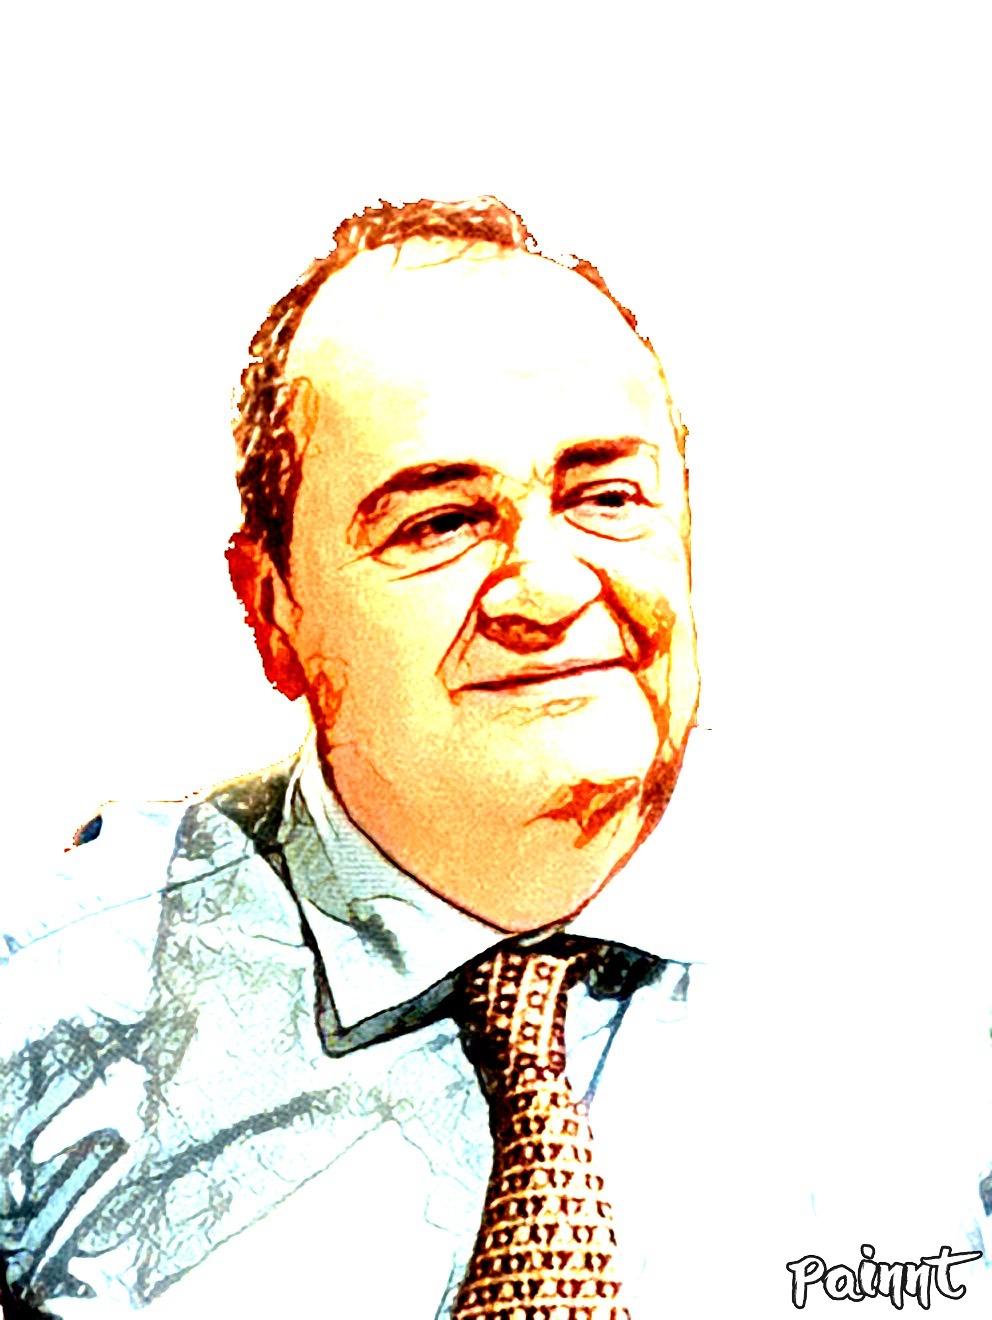 Miguel Zubieta Rodriguez